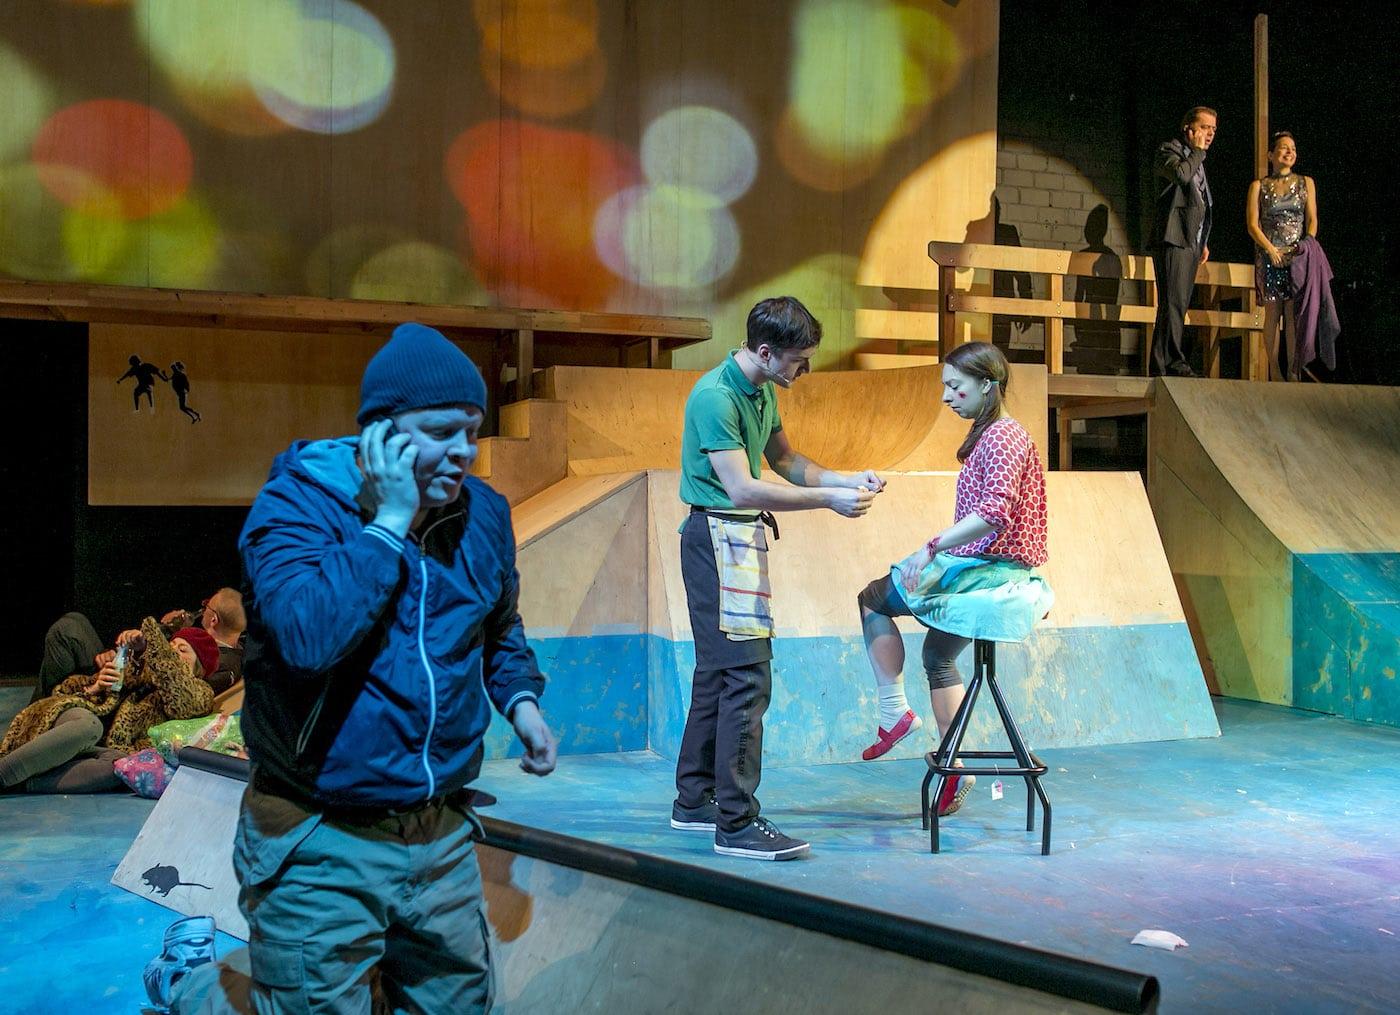 Theater-Stream für Kinder im Grips Theater Berlin // HIMBEER